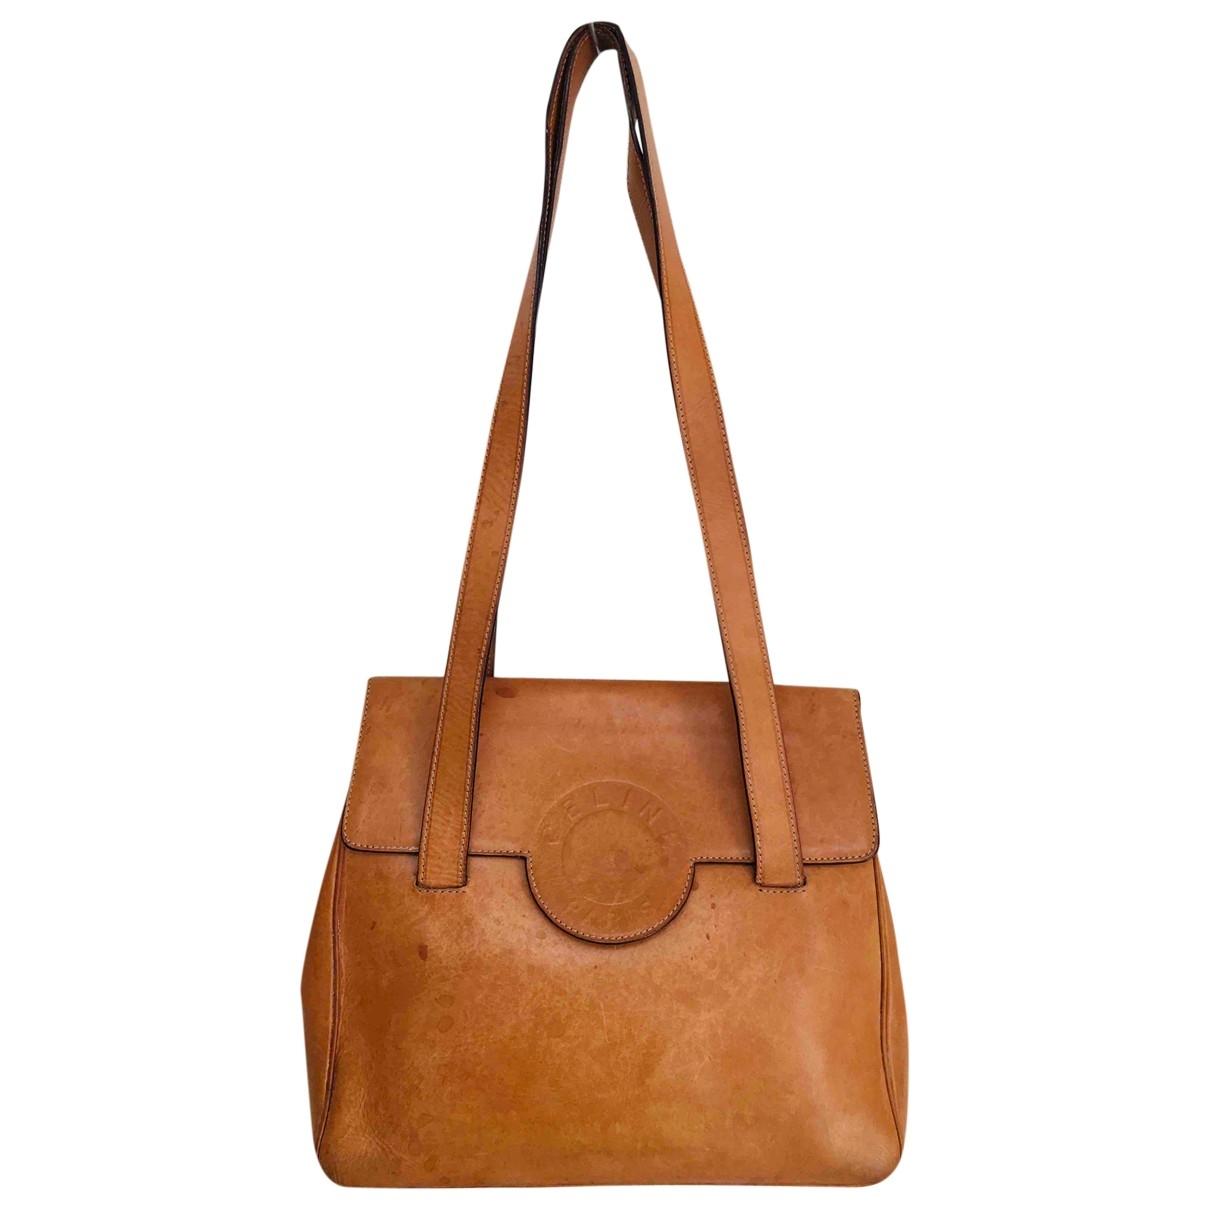 Celine \N Handtasche in  Kamel Leder